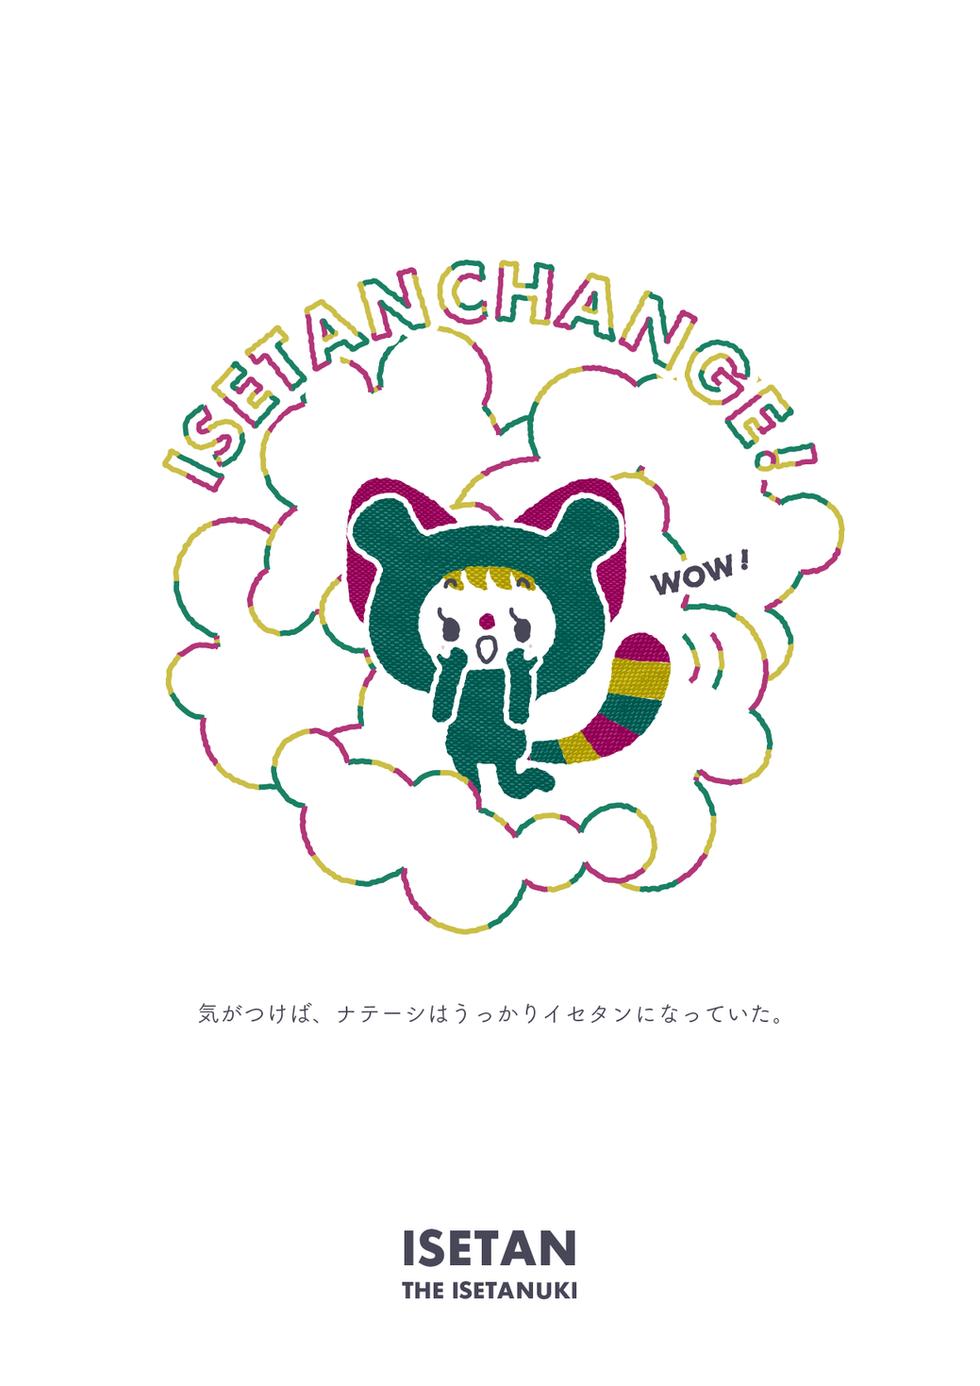 isetan-character-12.png